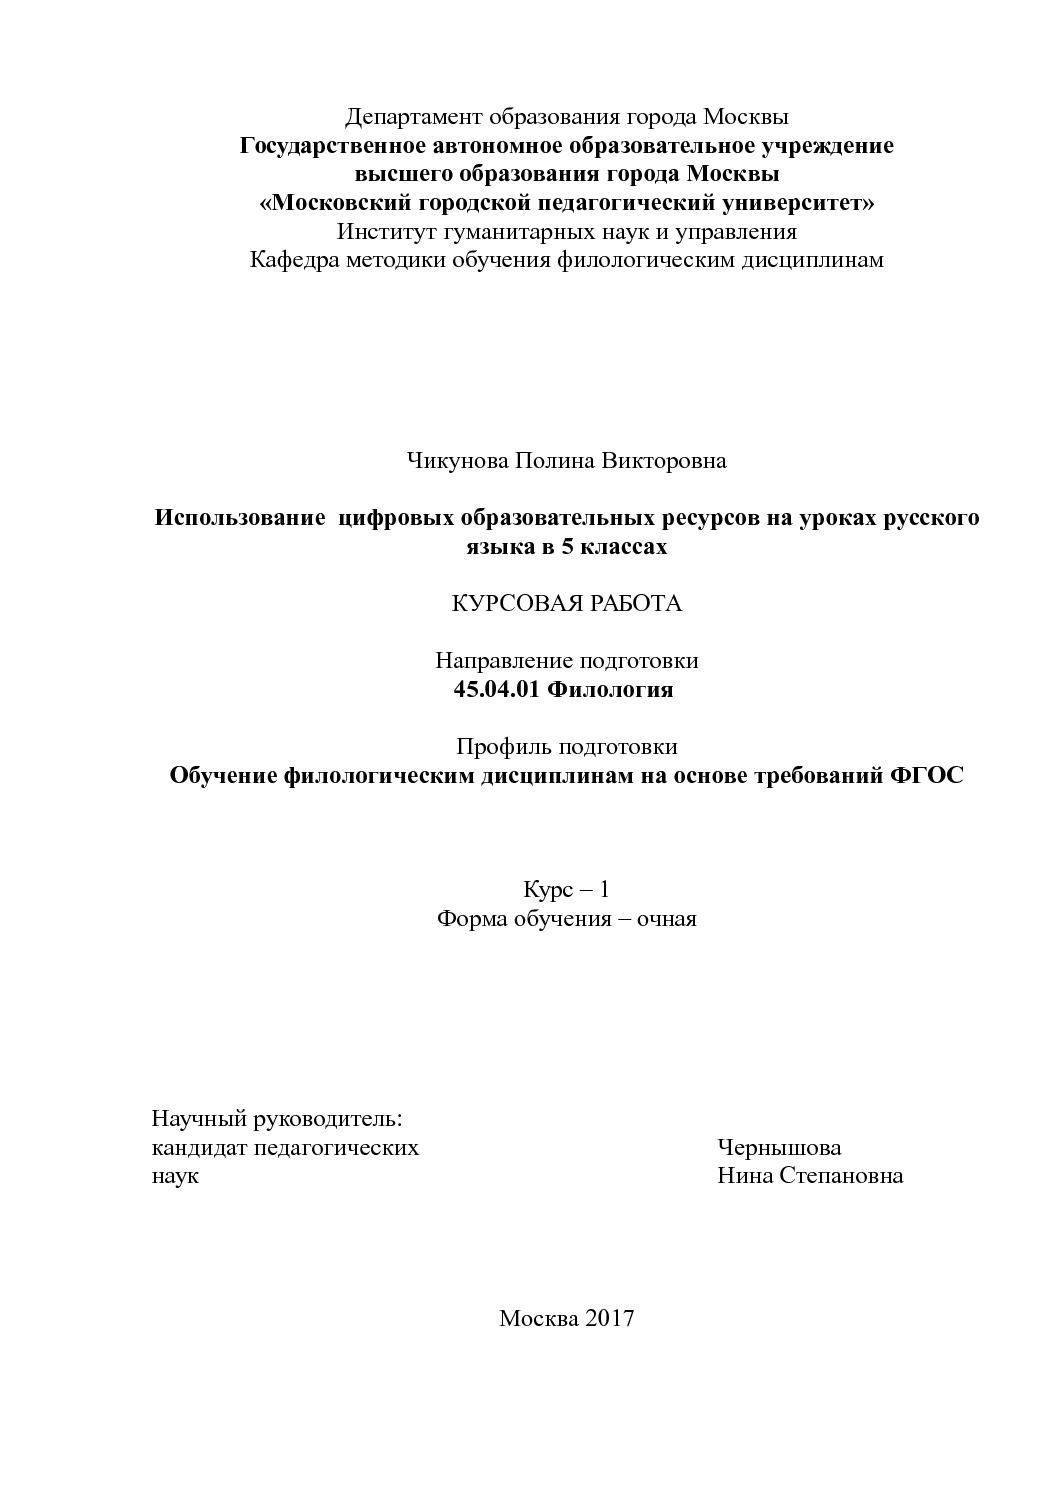 О москве курсовая работа 9339